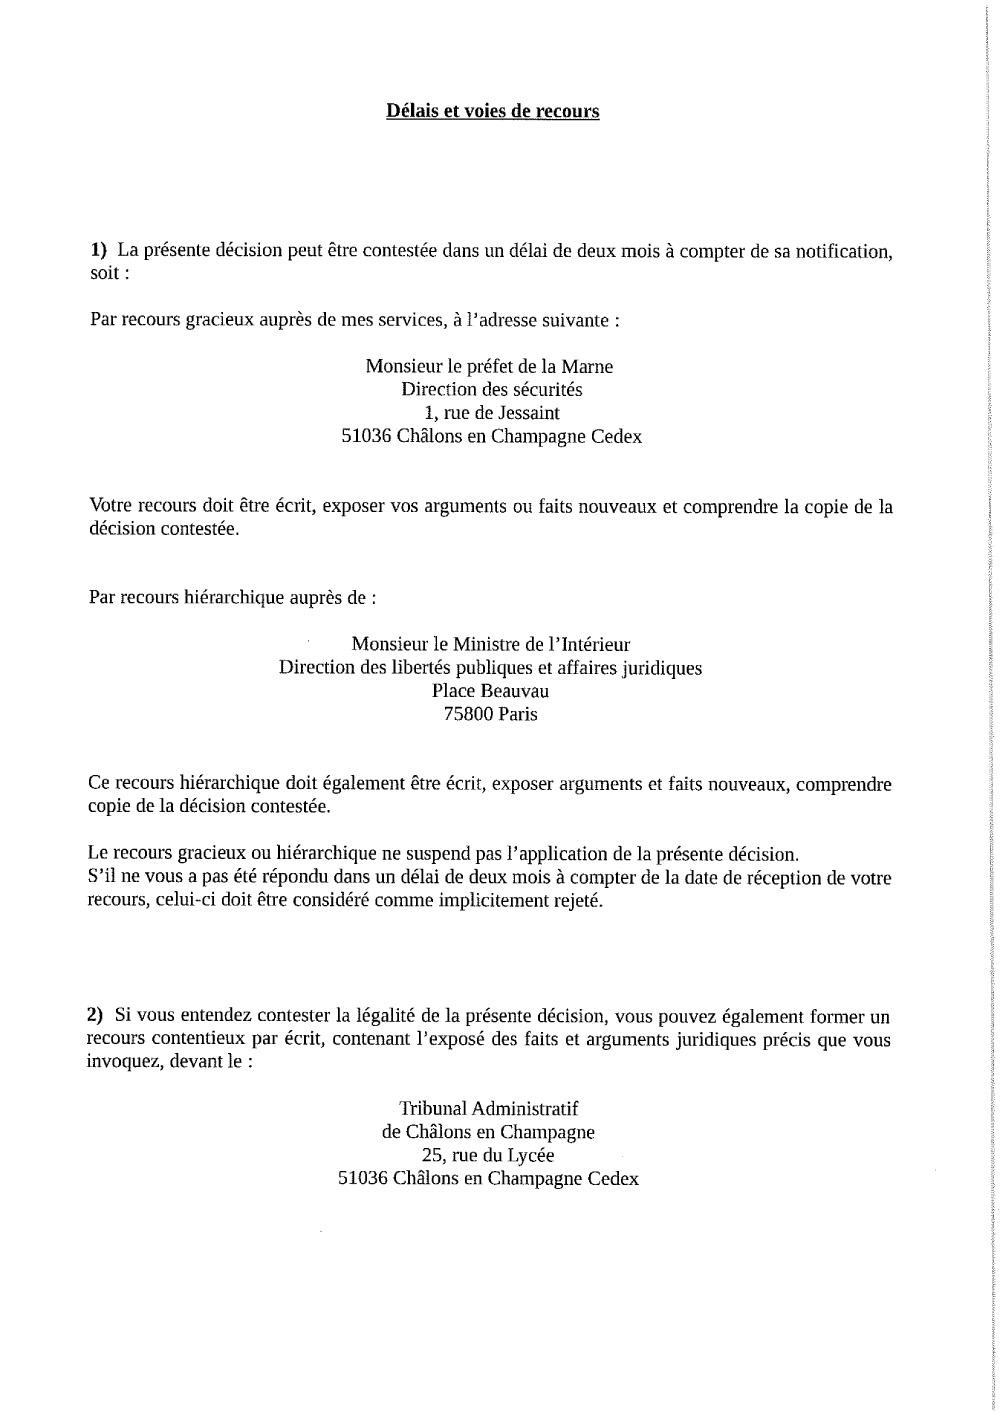 arreteprefectoraldu21mars2020-3